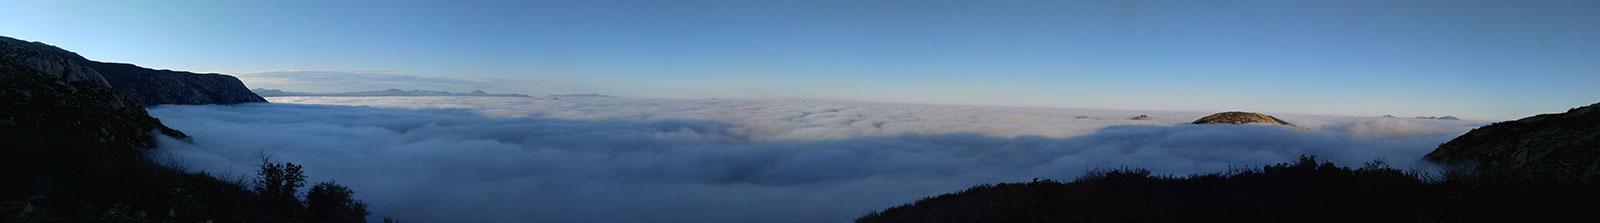 Hiking El Cajon Mountain View